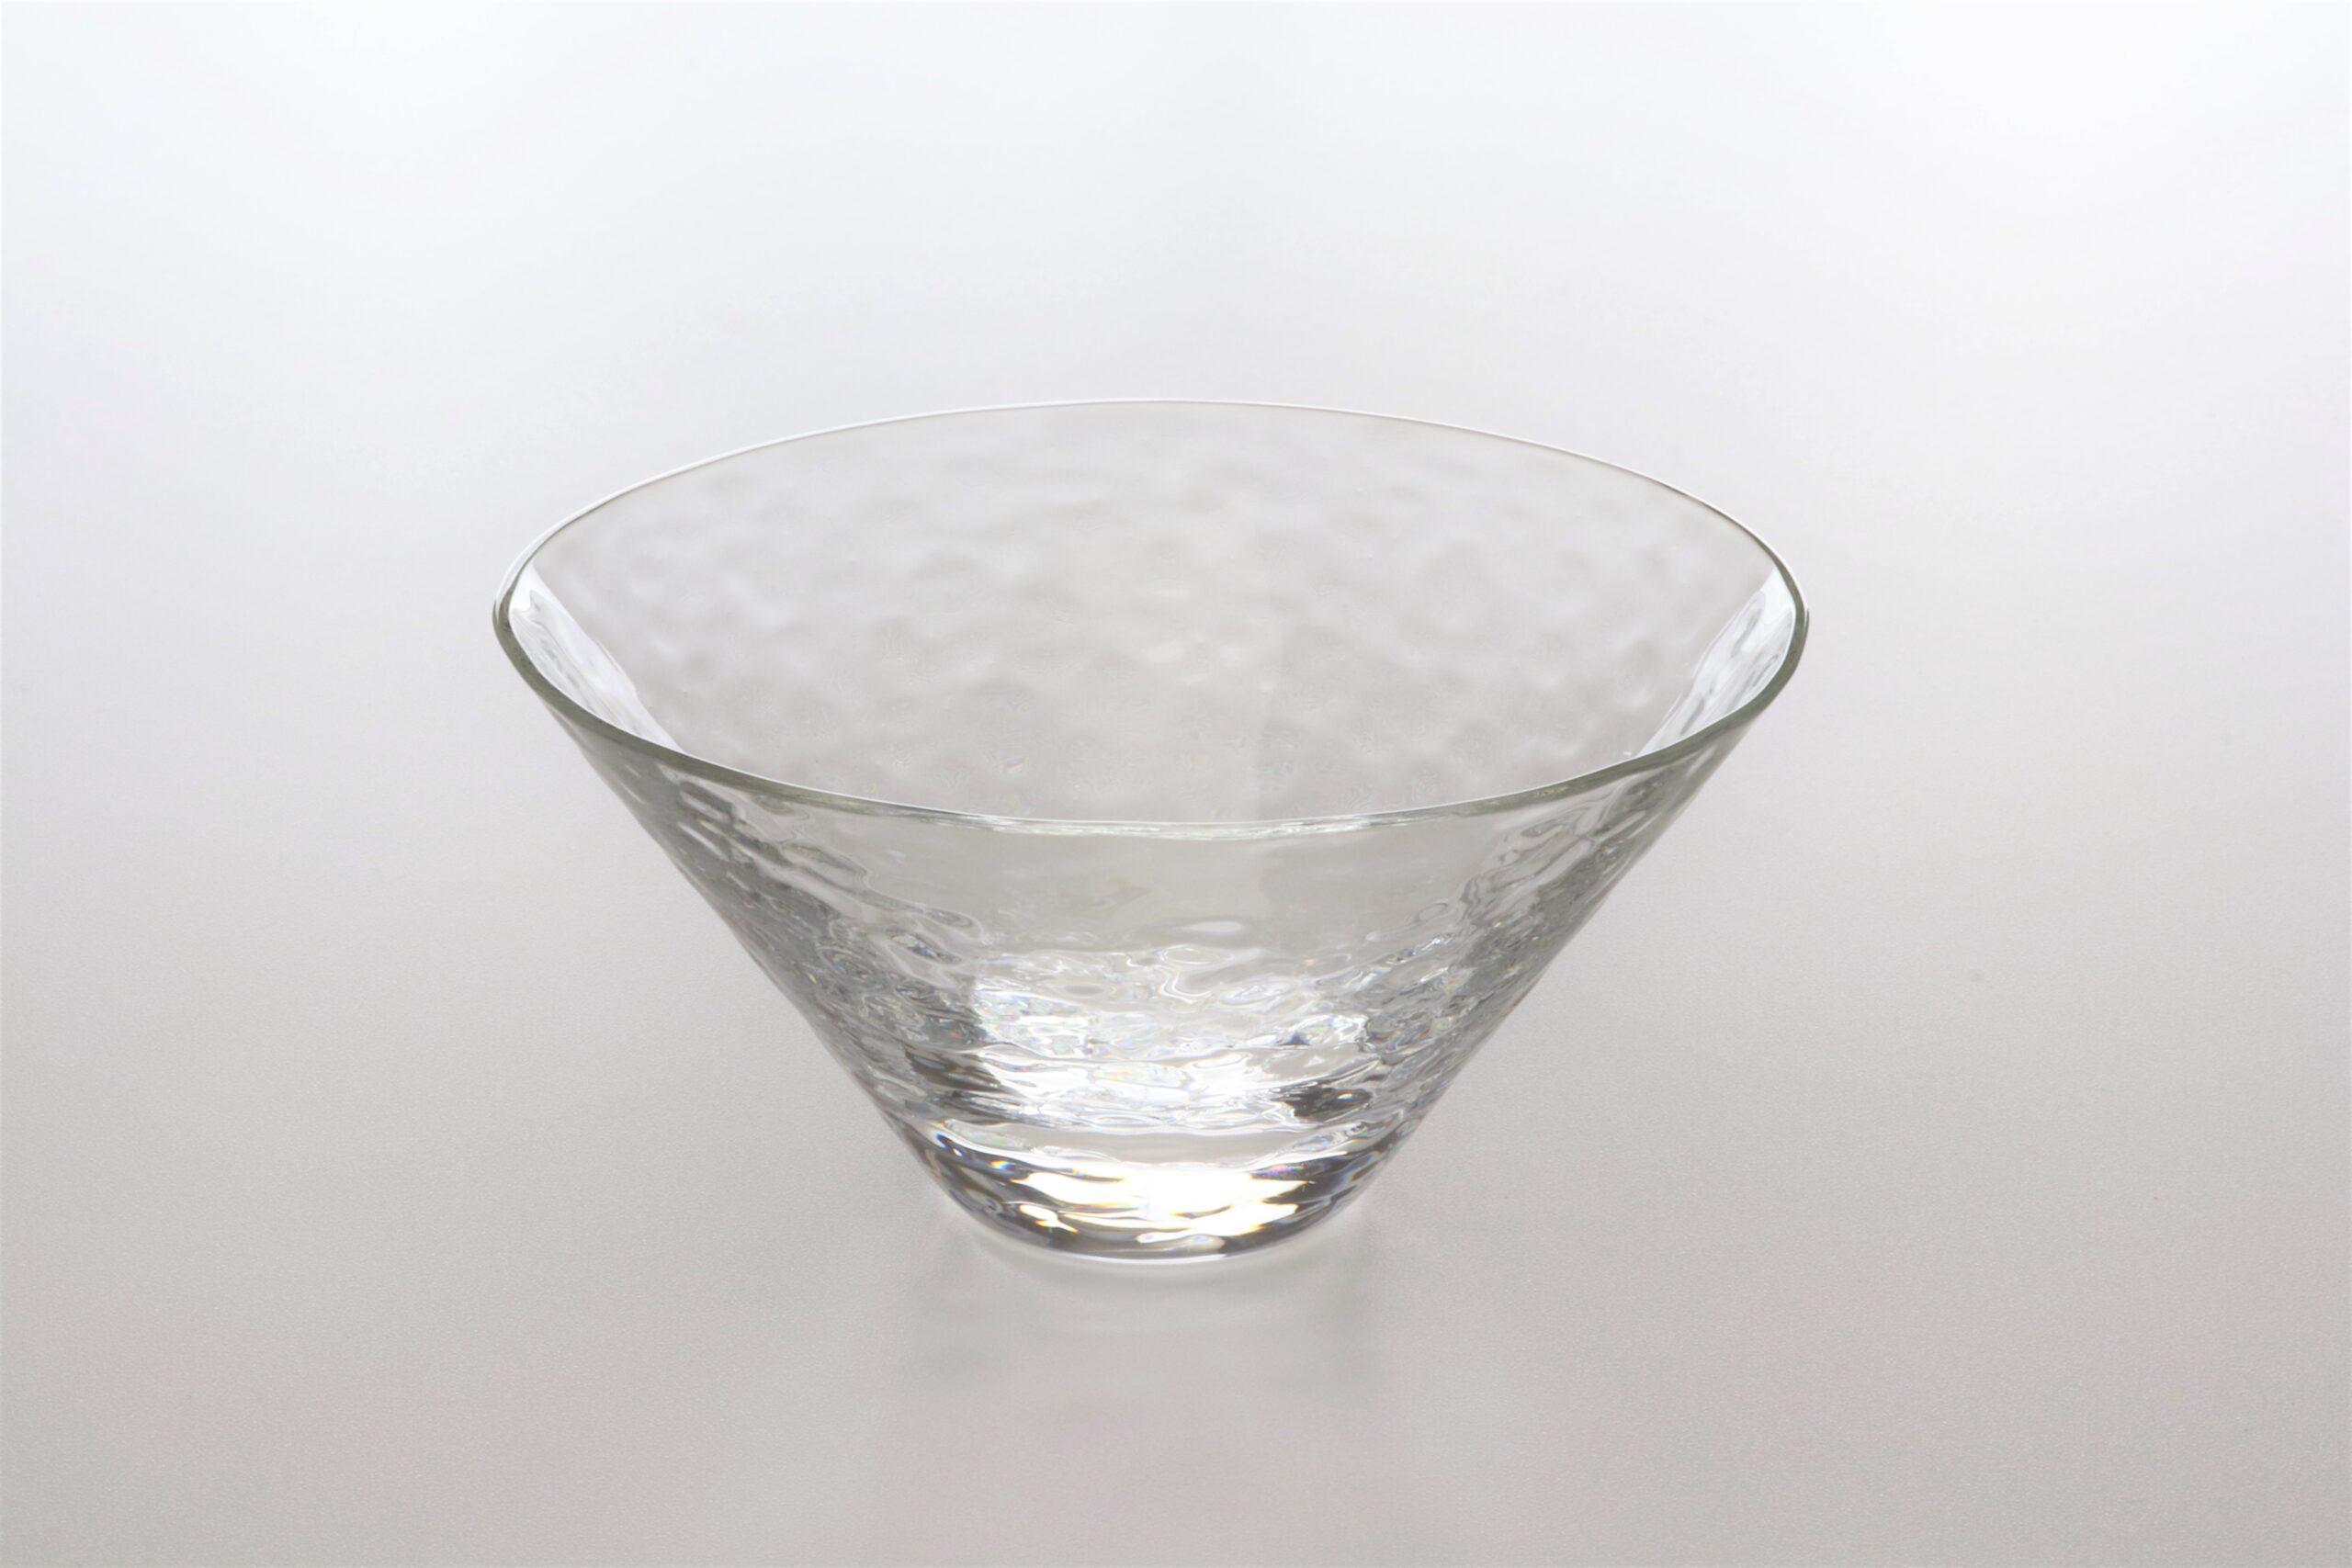 ディンプルⅡ<br /> 鉢(クリアー)